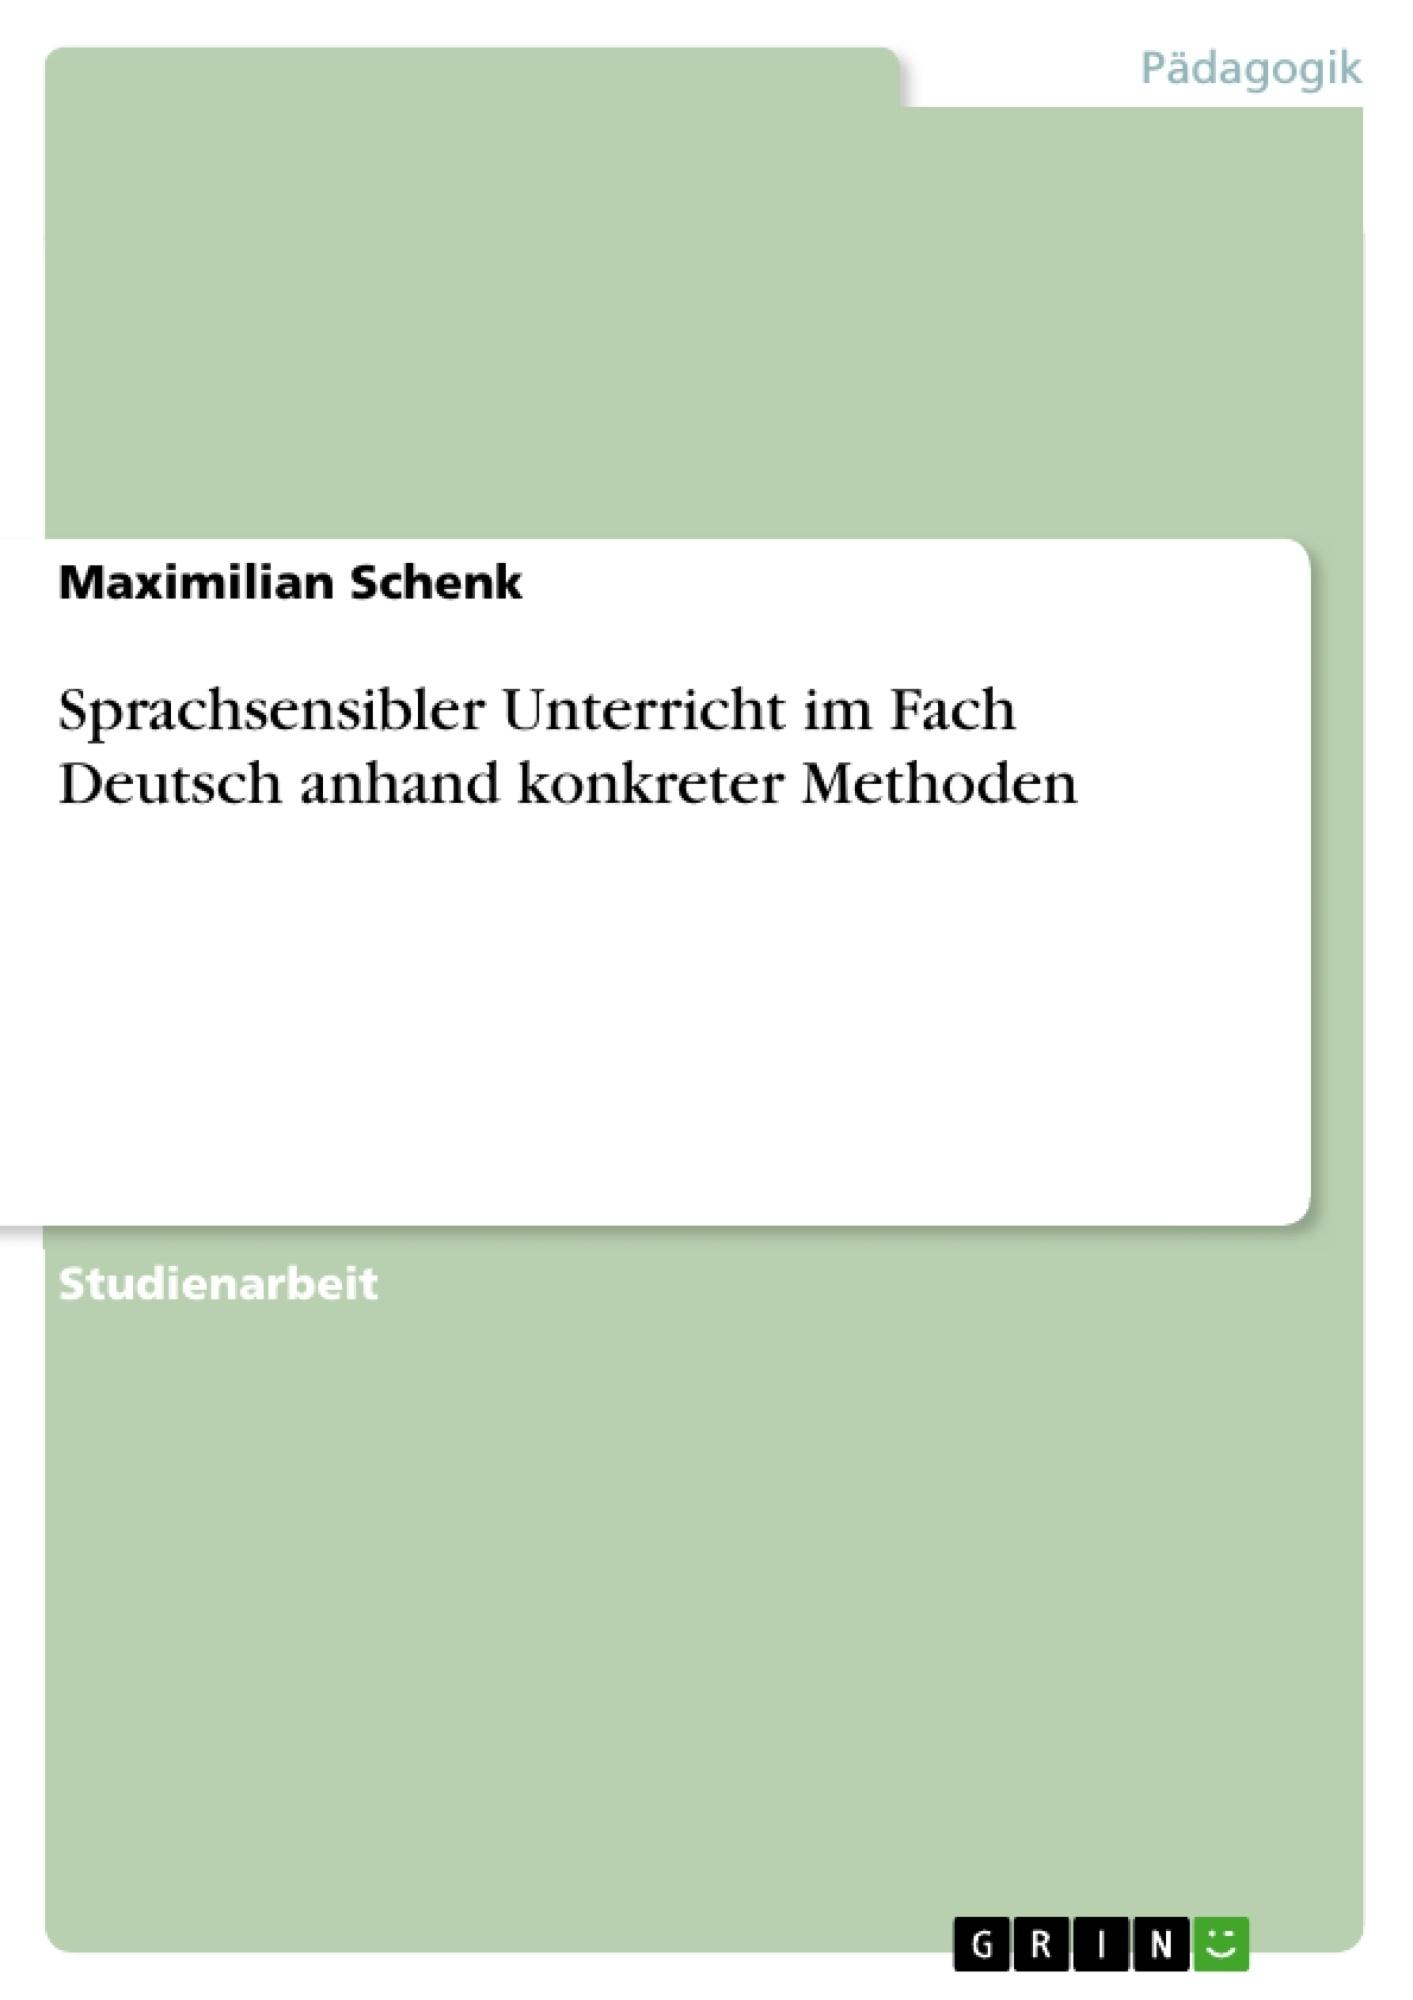 Titel: Sprachsensibler Unterricht im Fach Deutsch anhand konkreter Methoden